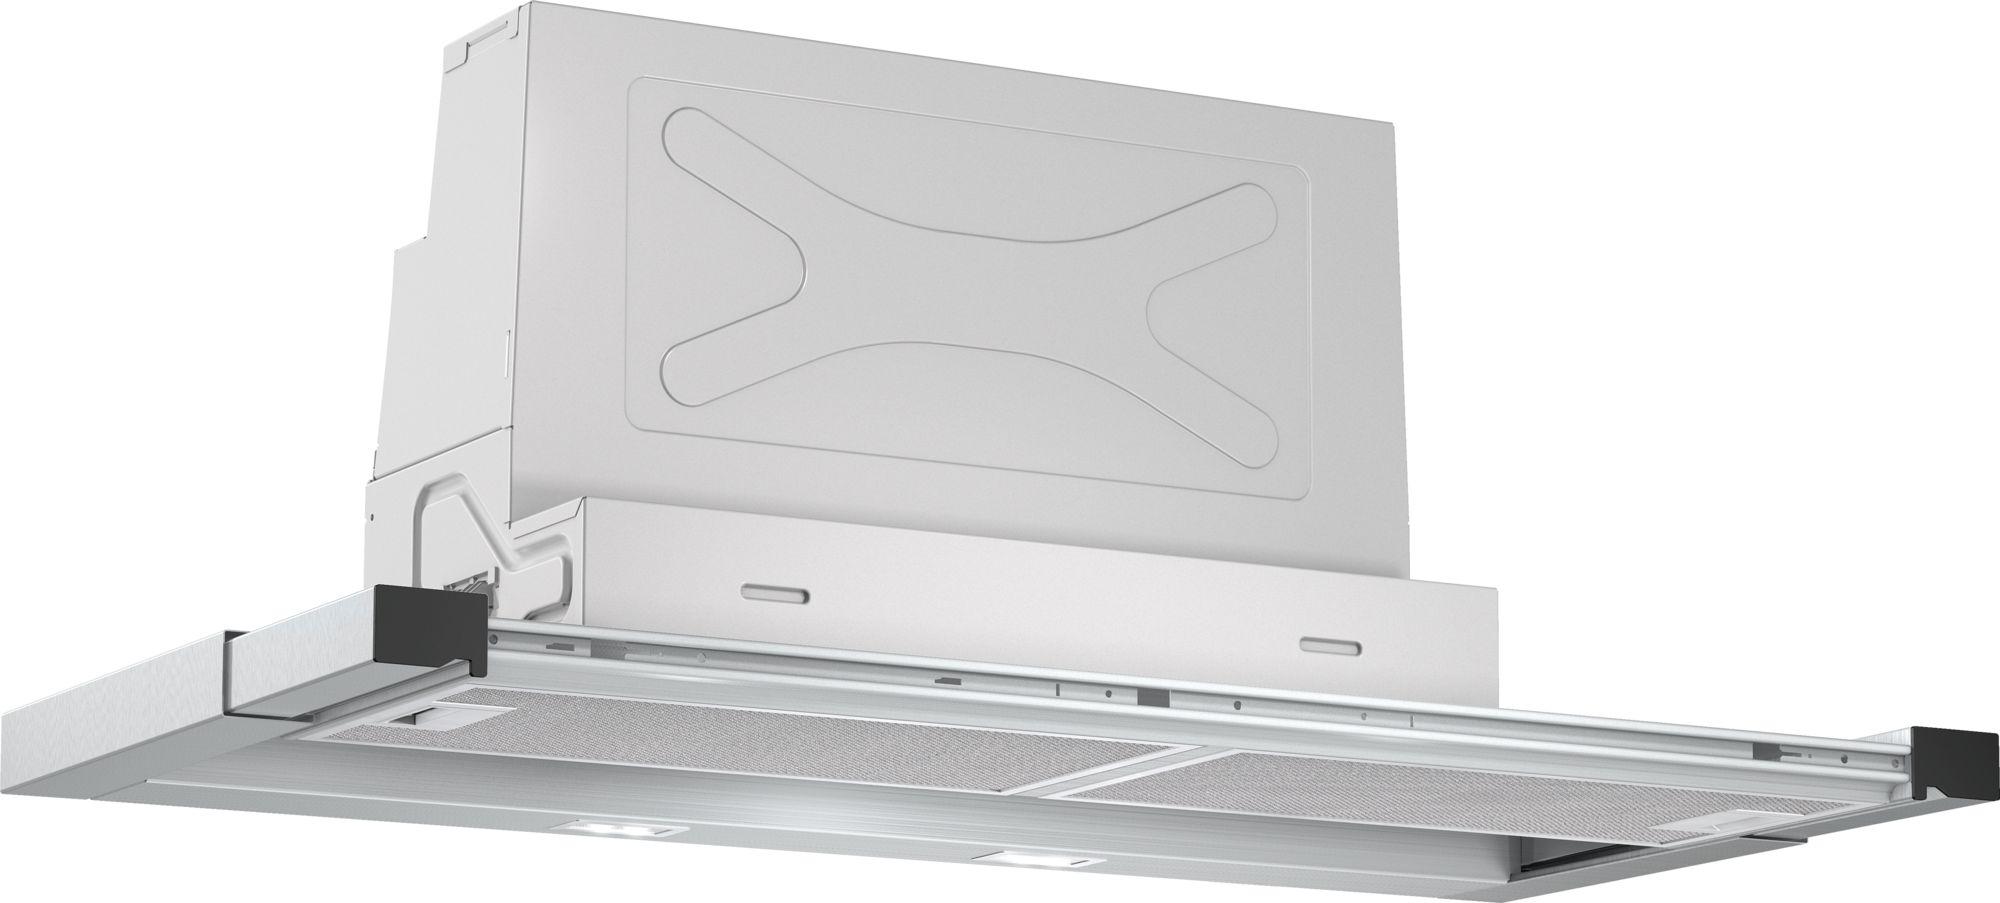 [Zweite Wahl] Bosch DFR097E50 Flachschirmhaube Edelstahl